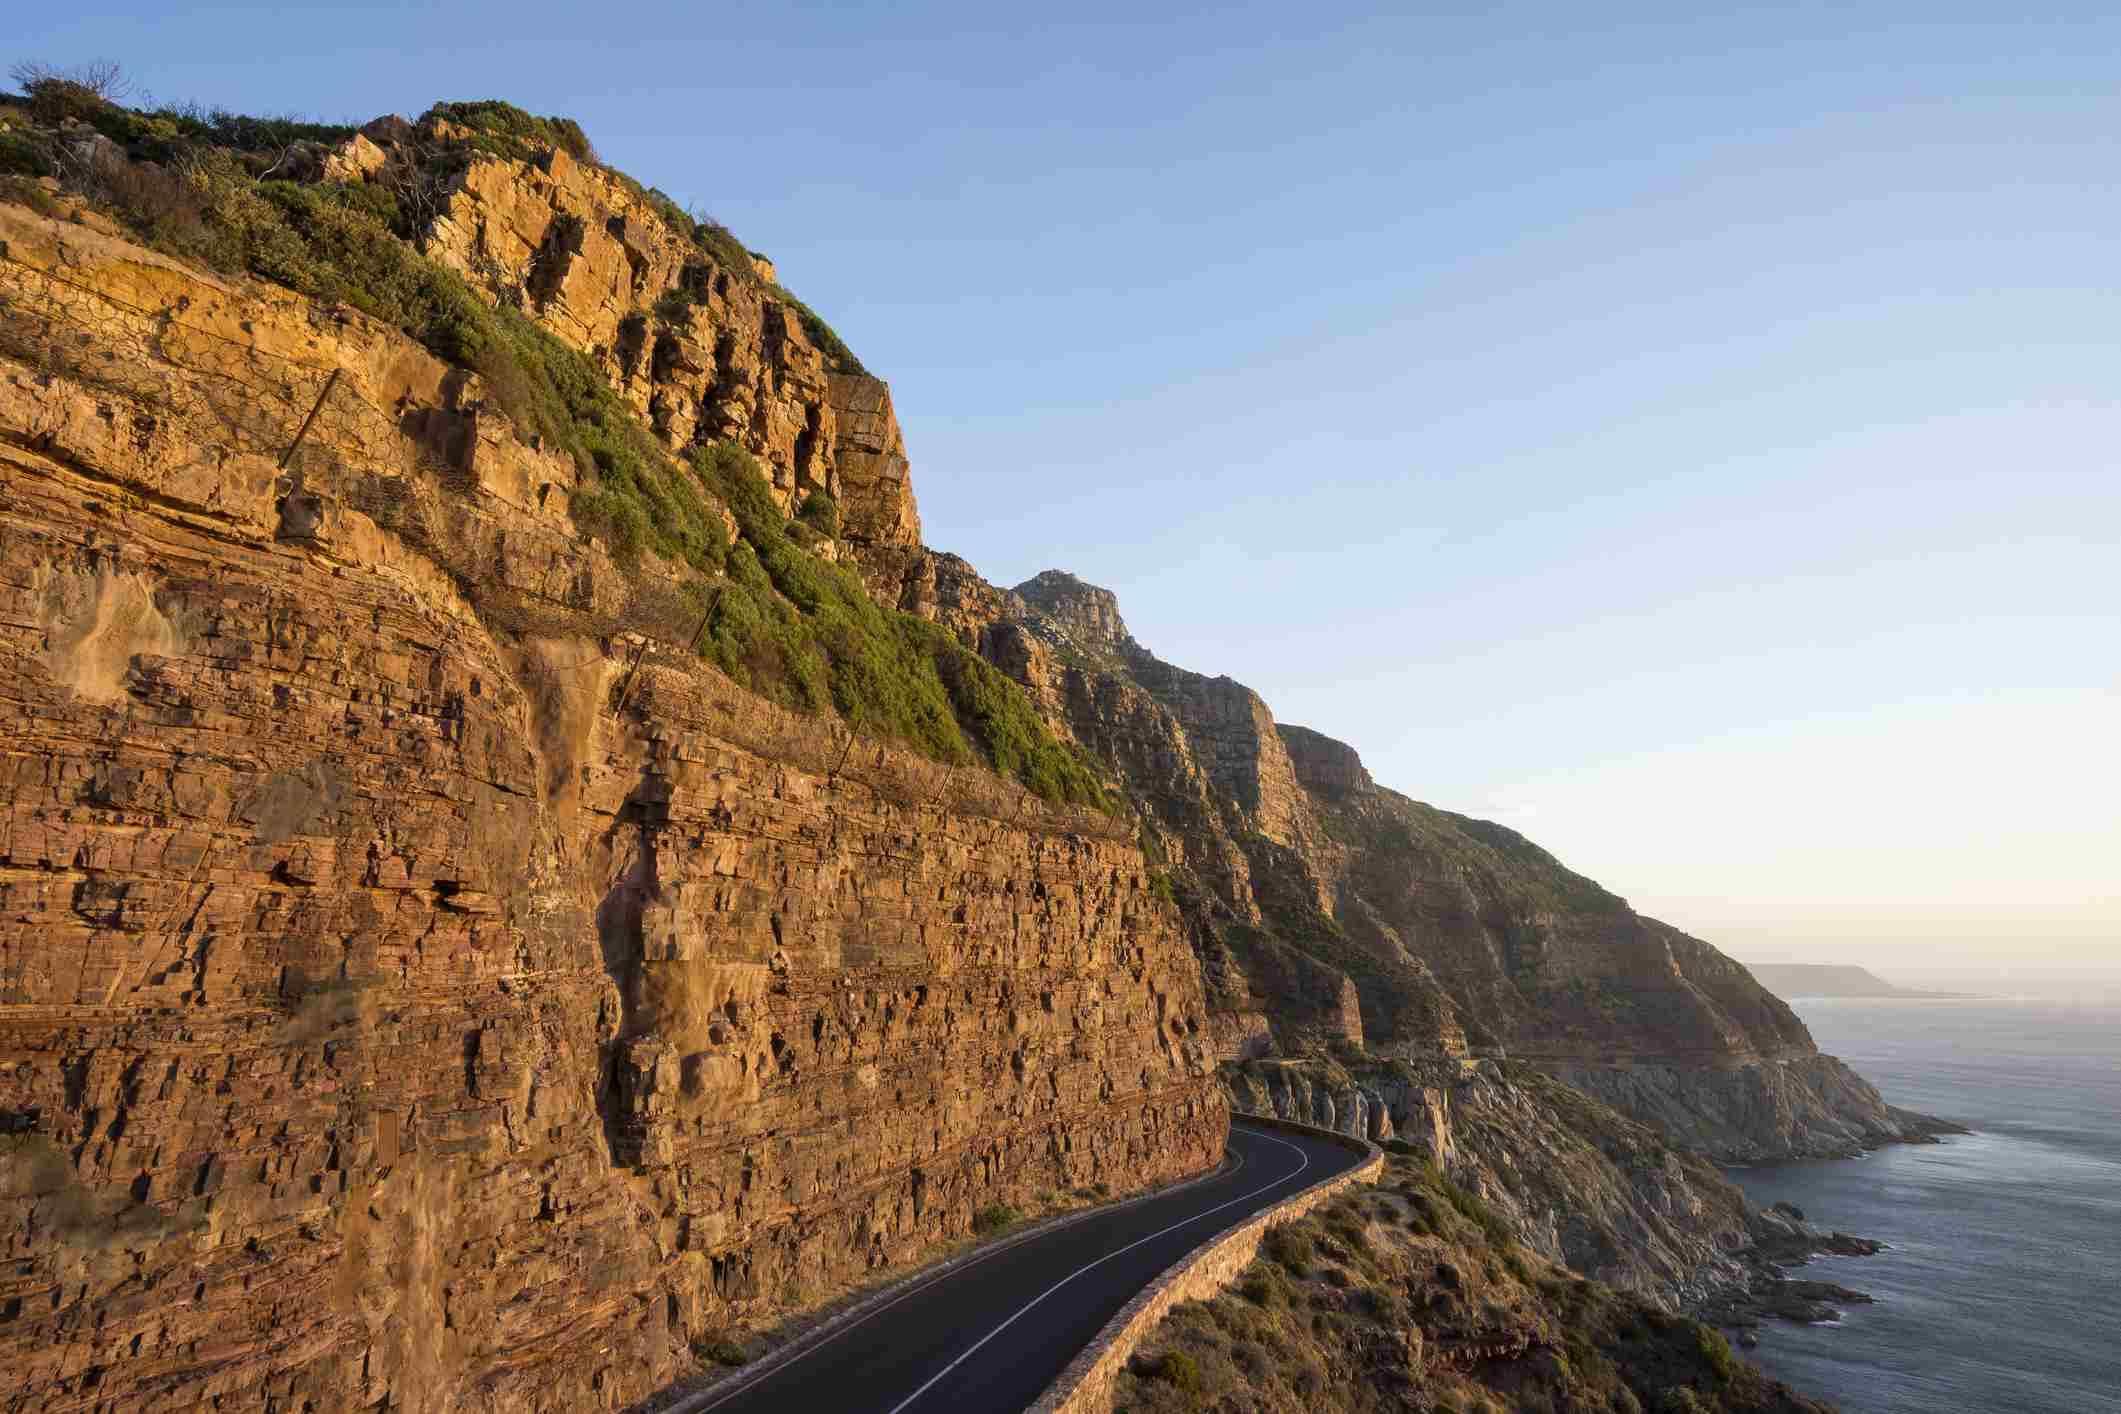 Chapman's Peak coastal toll road, Cape Town